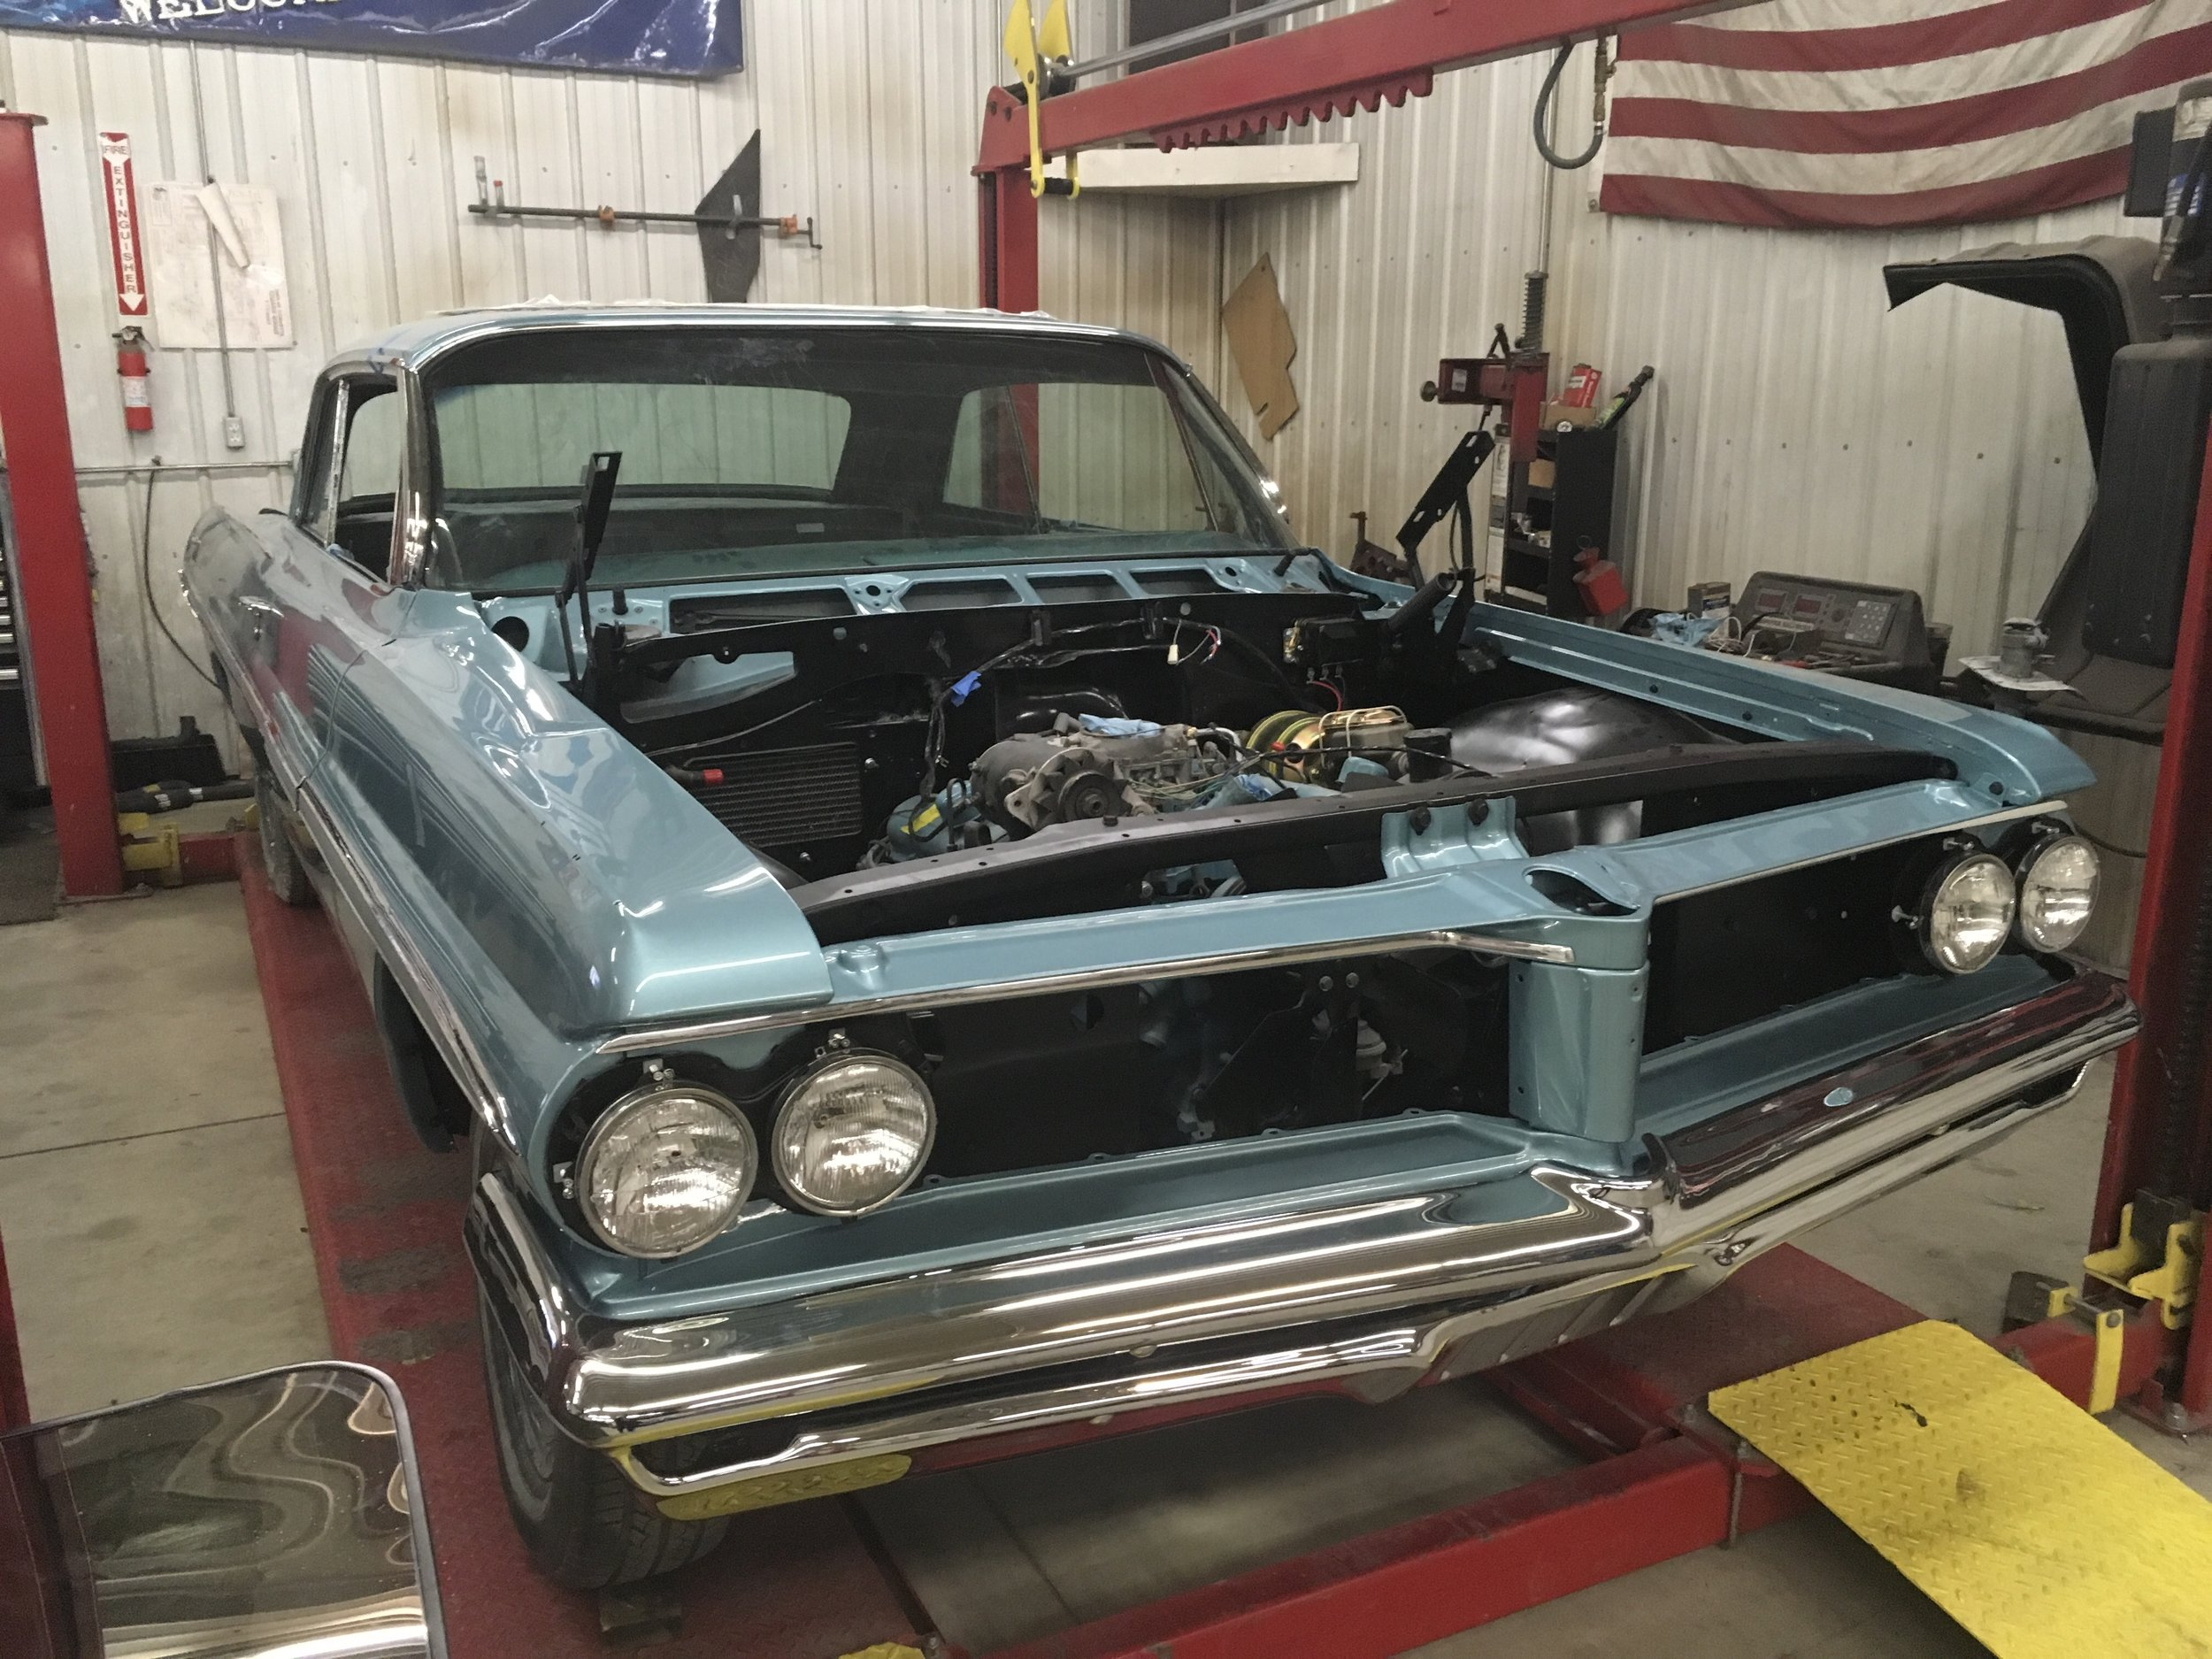 1962 Bonneville front end assembled